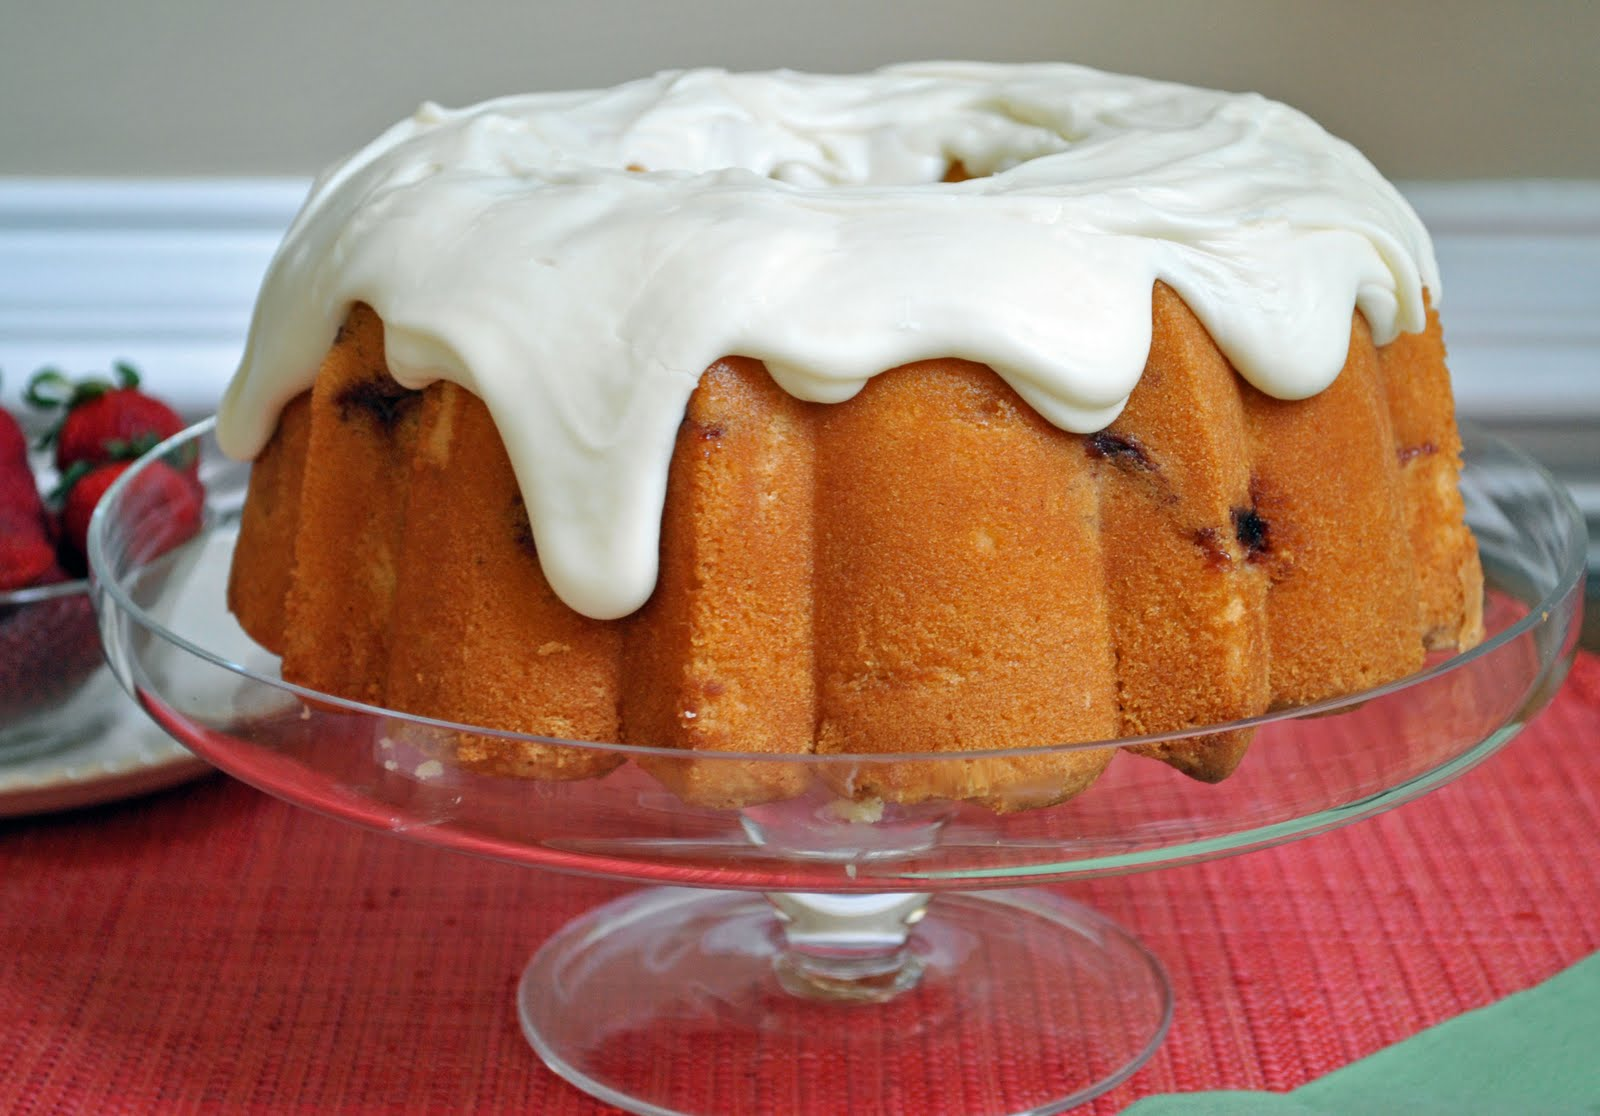 Ryan Bakes: Strawberry Pound Cake with Cream Cheese Glaze.